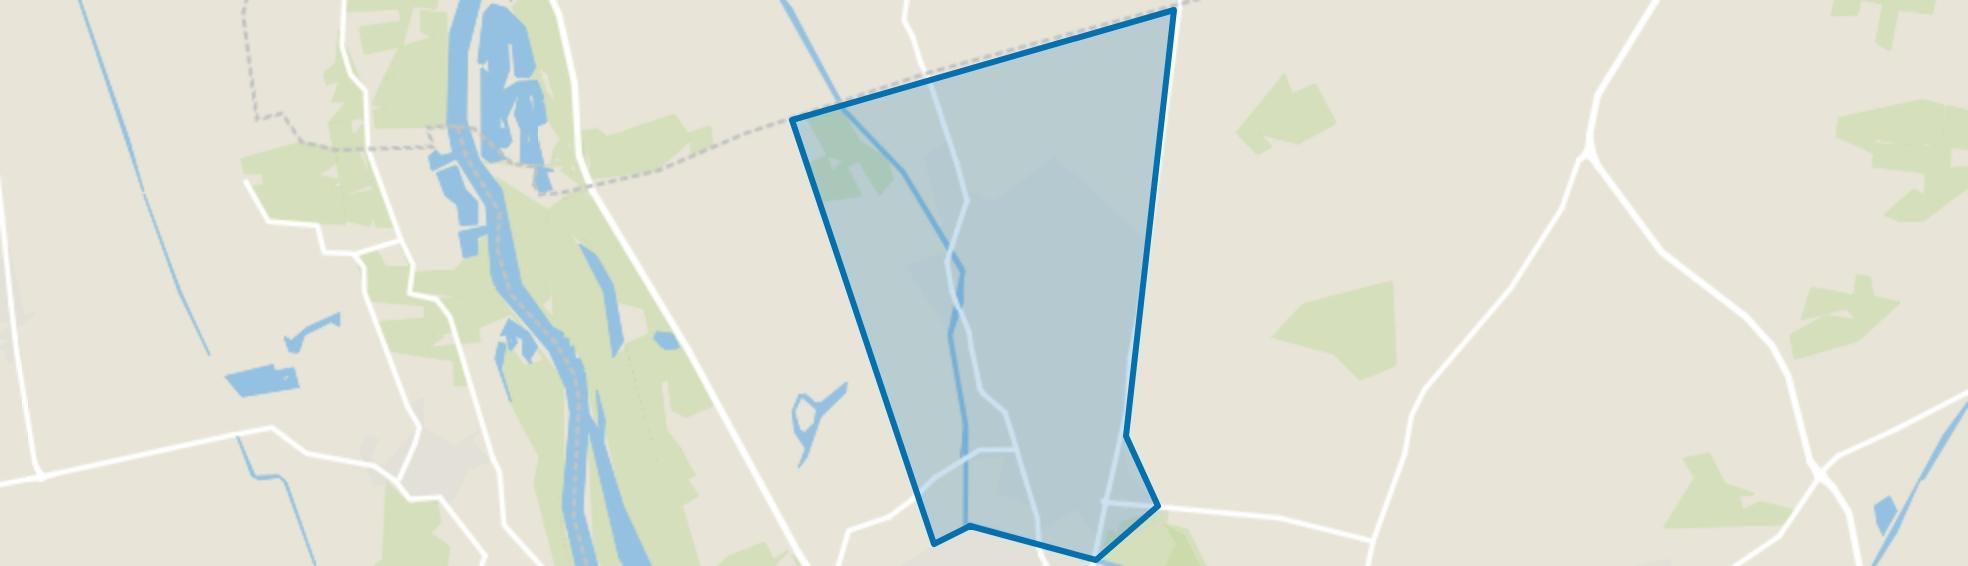 Dorp Diepenveen, Diepenveen map